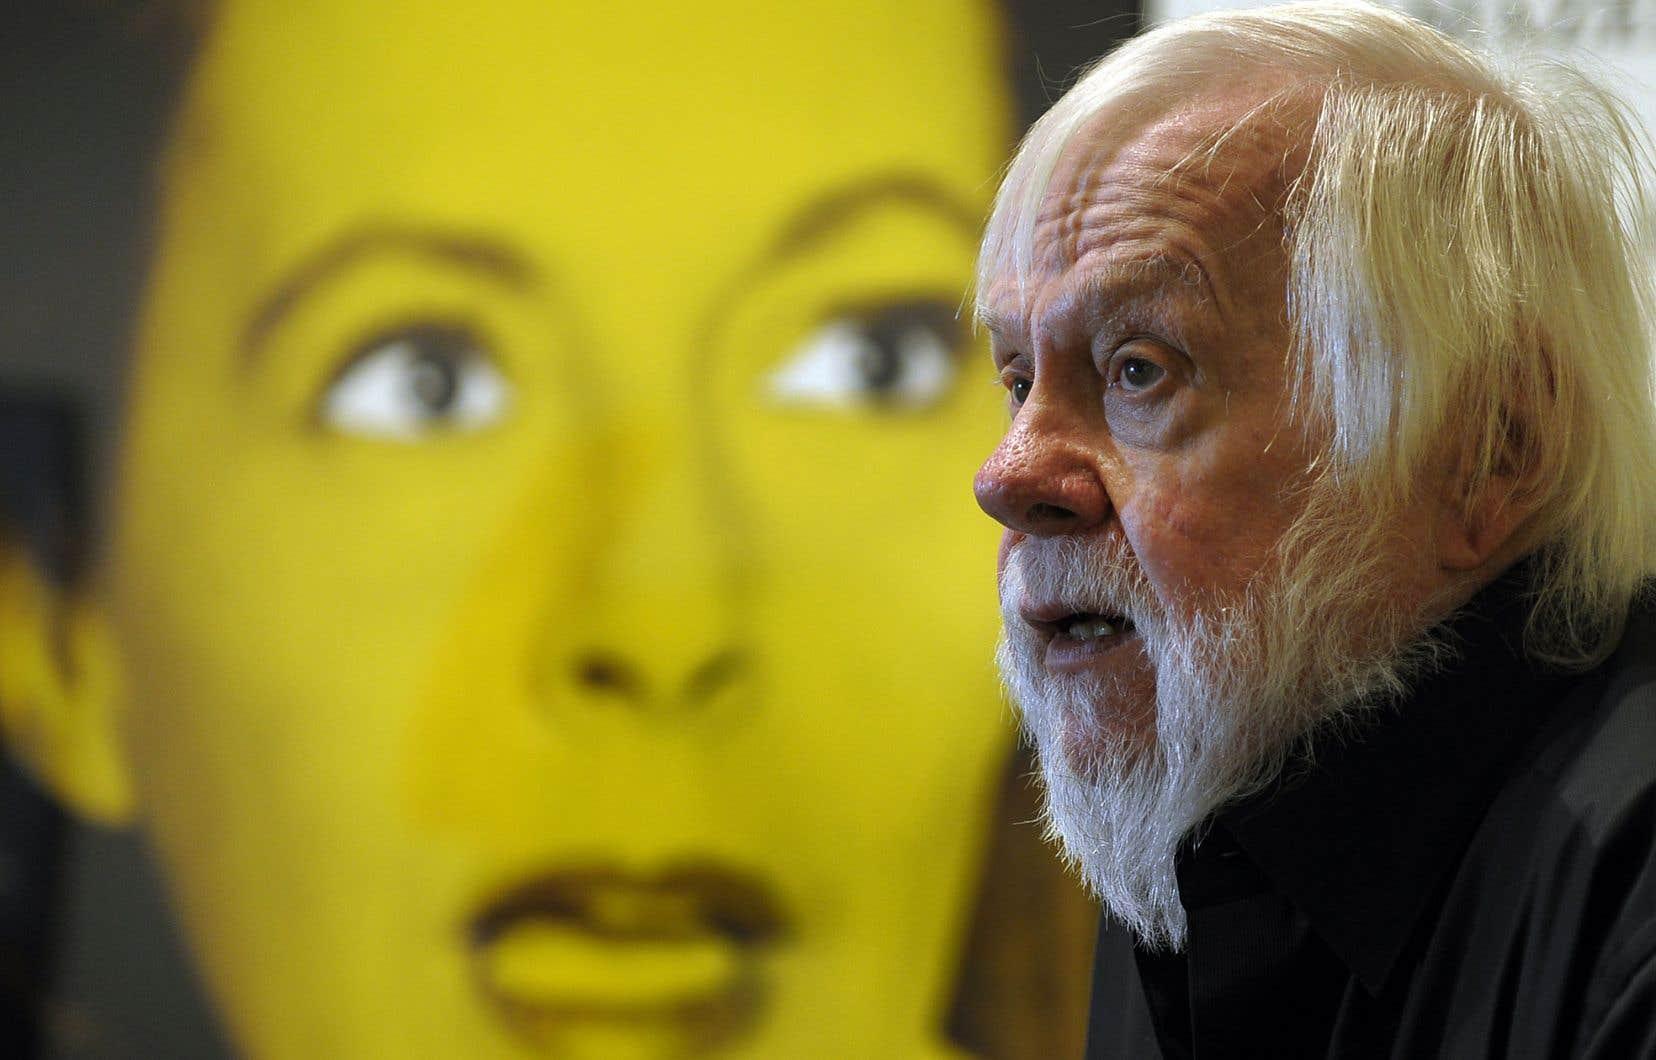 Peintre reconverti dans l'art conceptuel, et notamment adepte des collages et des détournements de photos, il avait construit sa carrière en dehors des sentiers battus. Sur notre photo: l'artiste devant son œuvre intitulée «Prima Facie (Third state): From Aghast to Upset», en 2010.